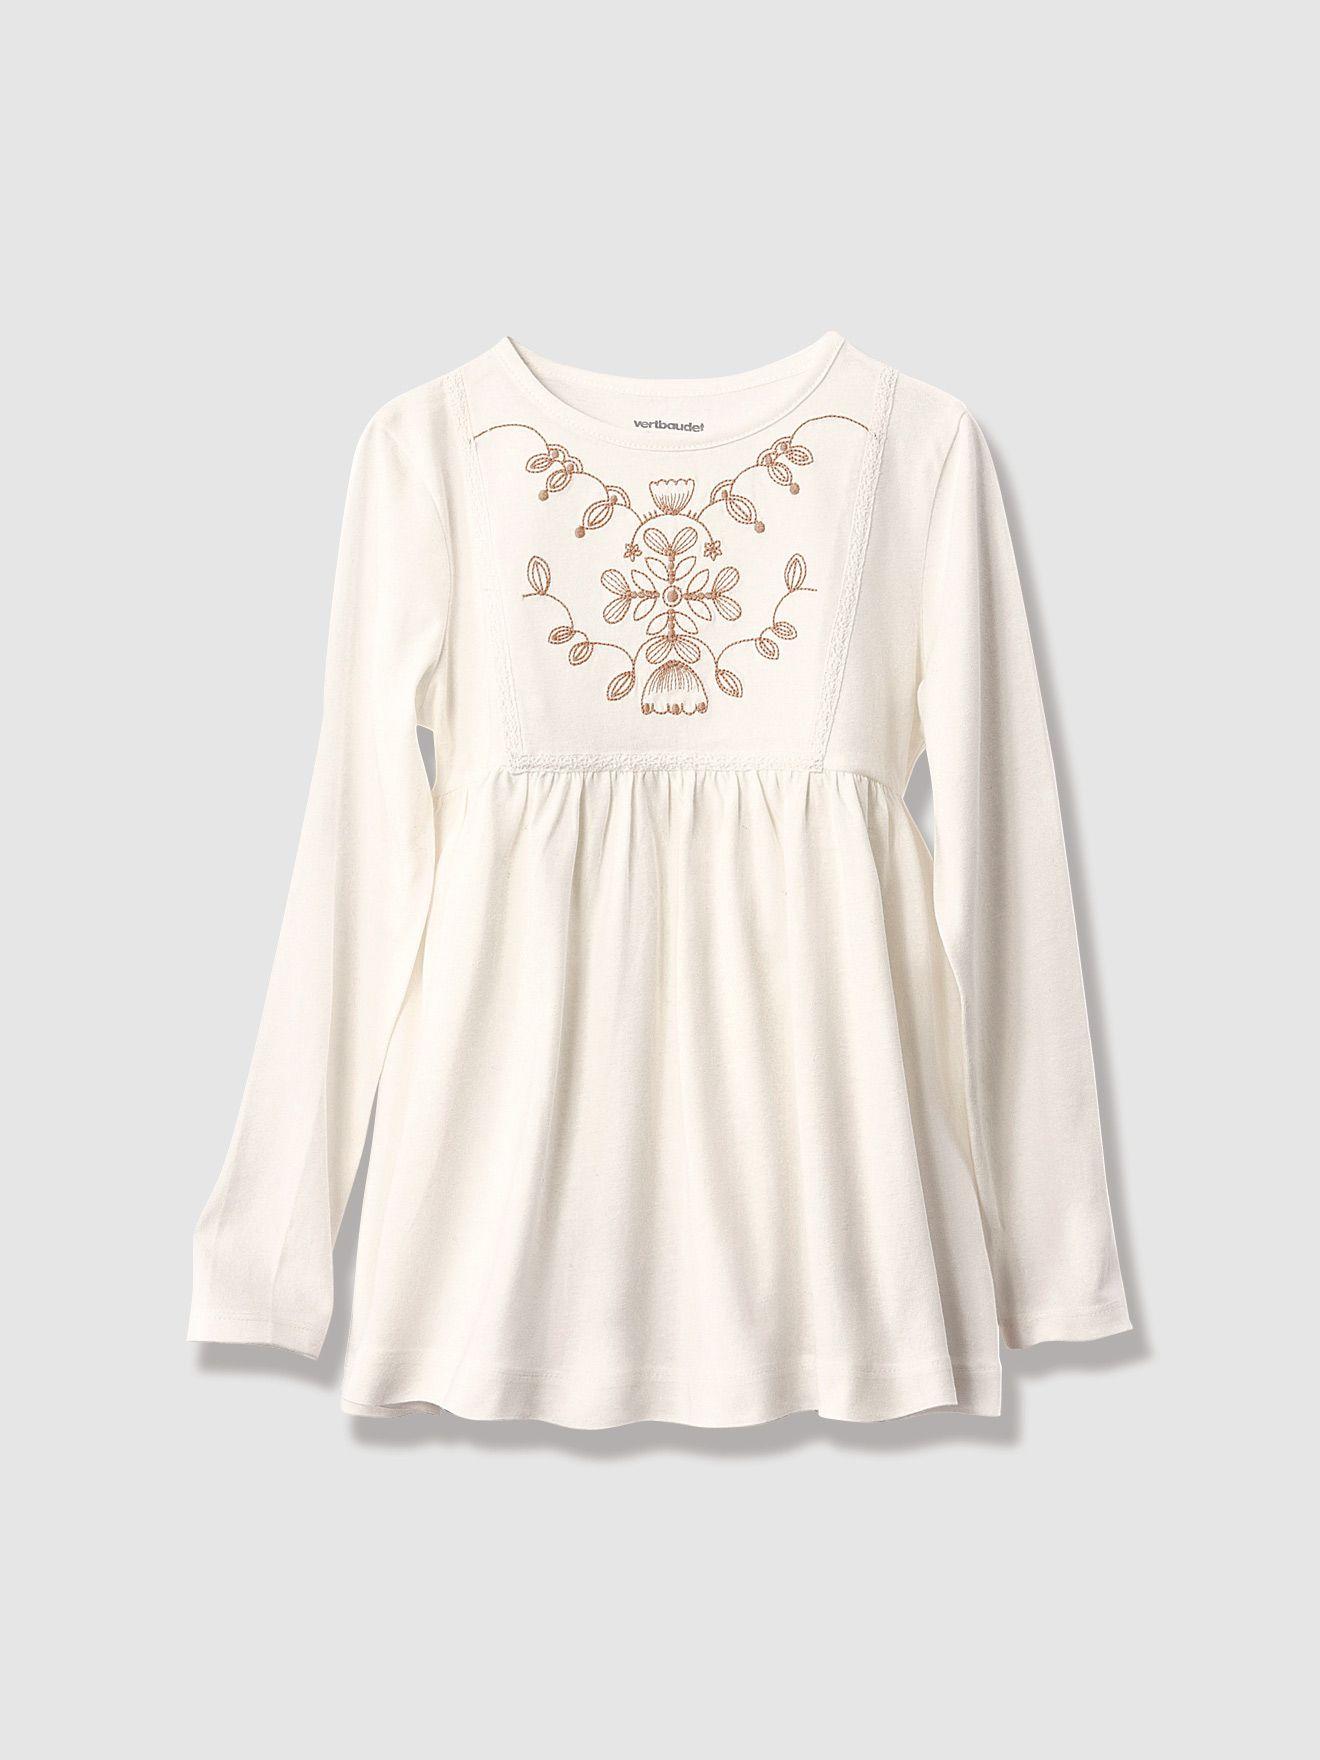 Adoramos os detalhes bordados desta camisola d7f62b0a85d